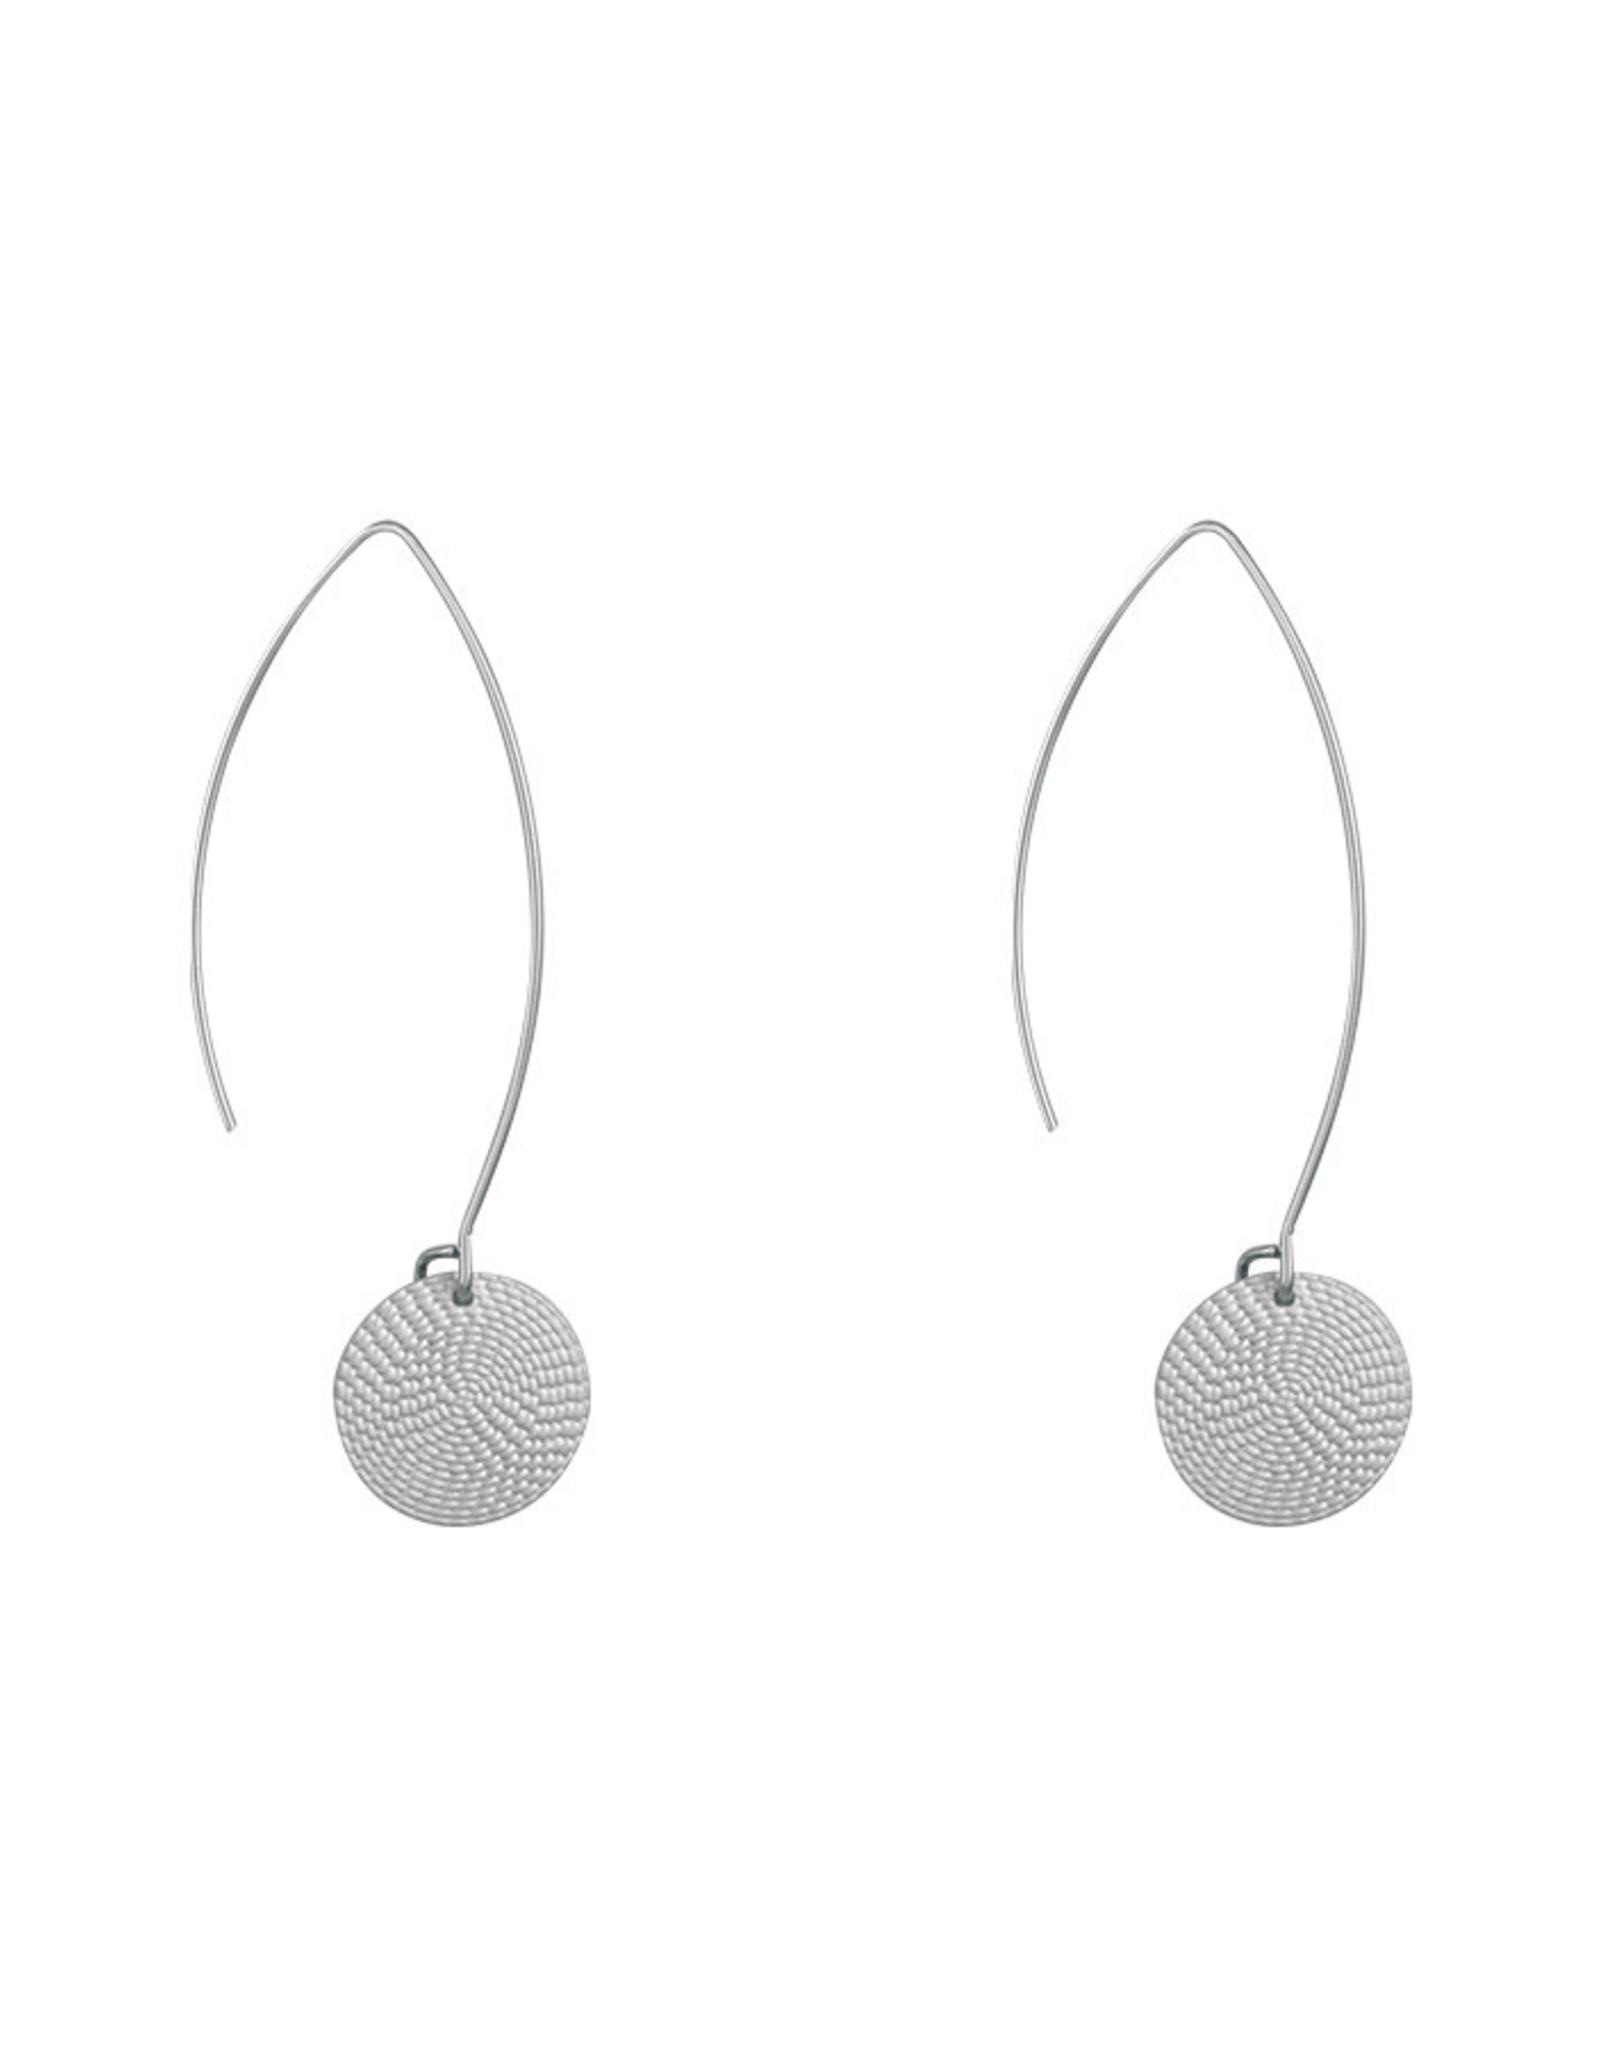 Lost & Faune Boucles d'oreilles -  Ovales avec pendentifs